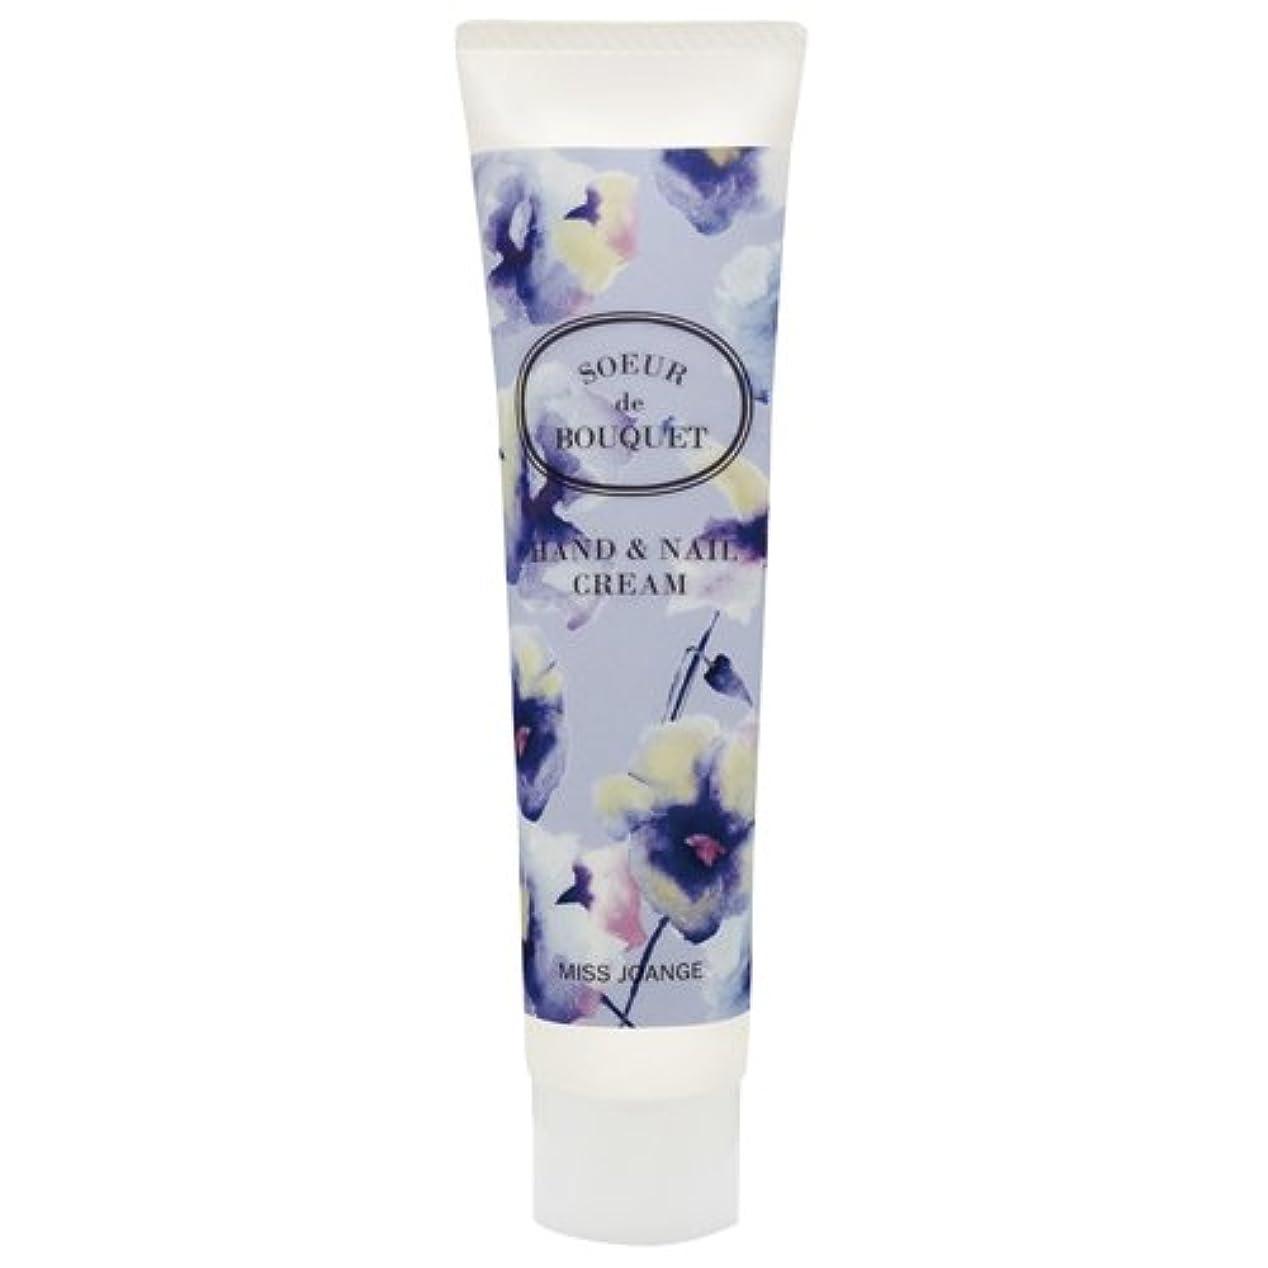 ネーピア砂の品種ミスジョアンジュ フレグランスハンドクリーム 40g スウィートマリアージュの香り